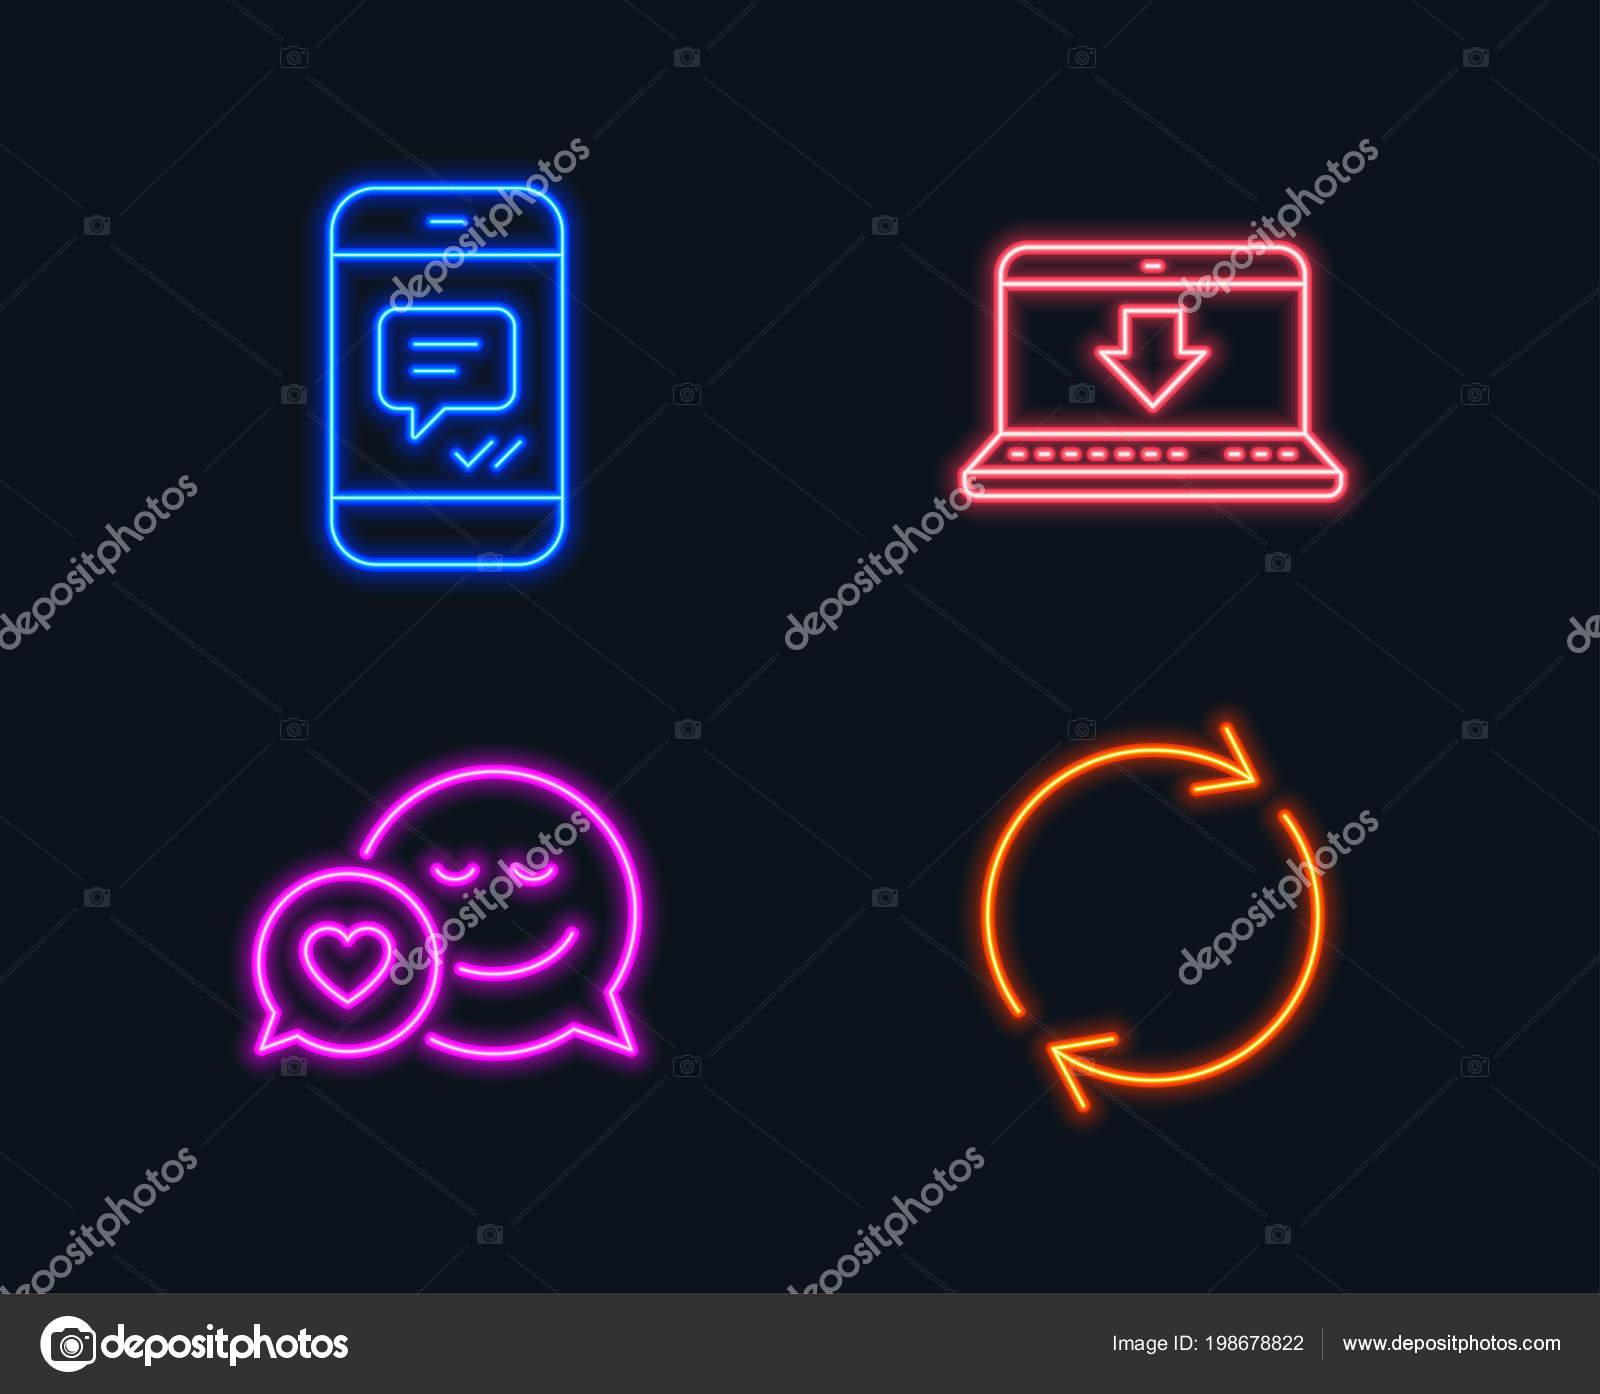 Online társkereső neon